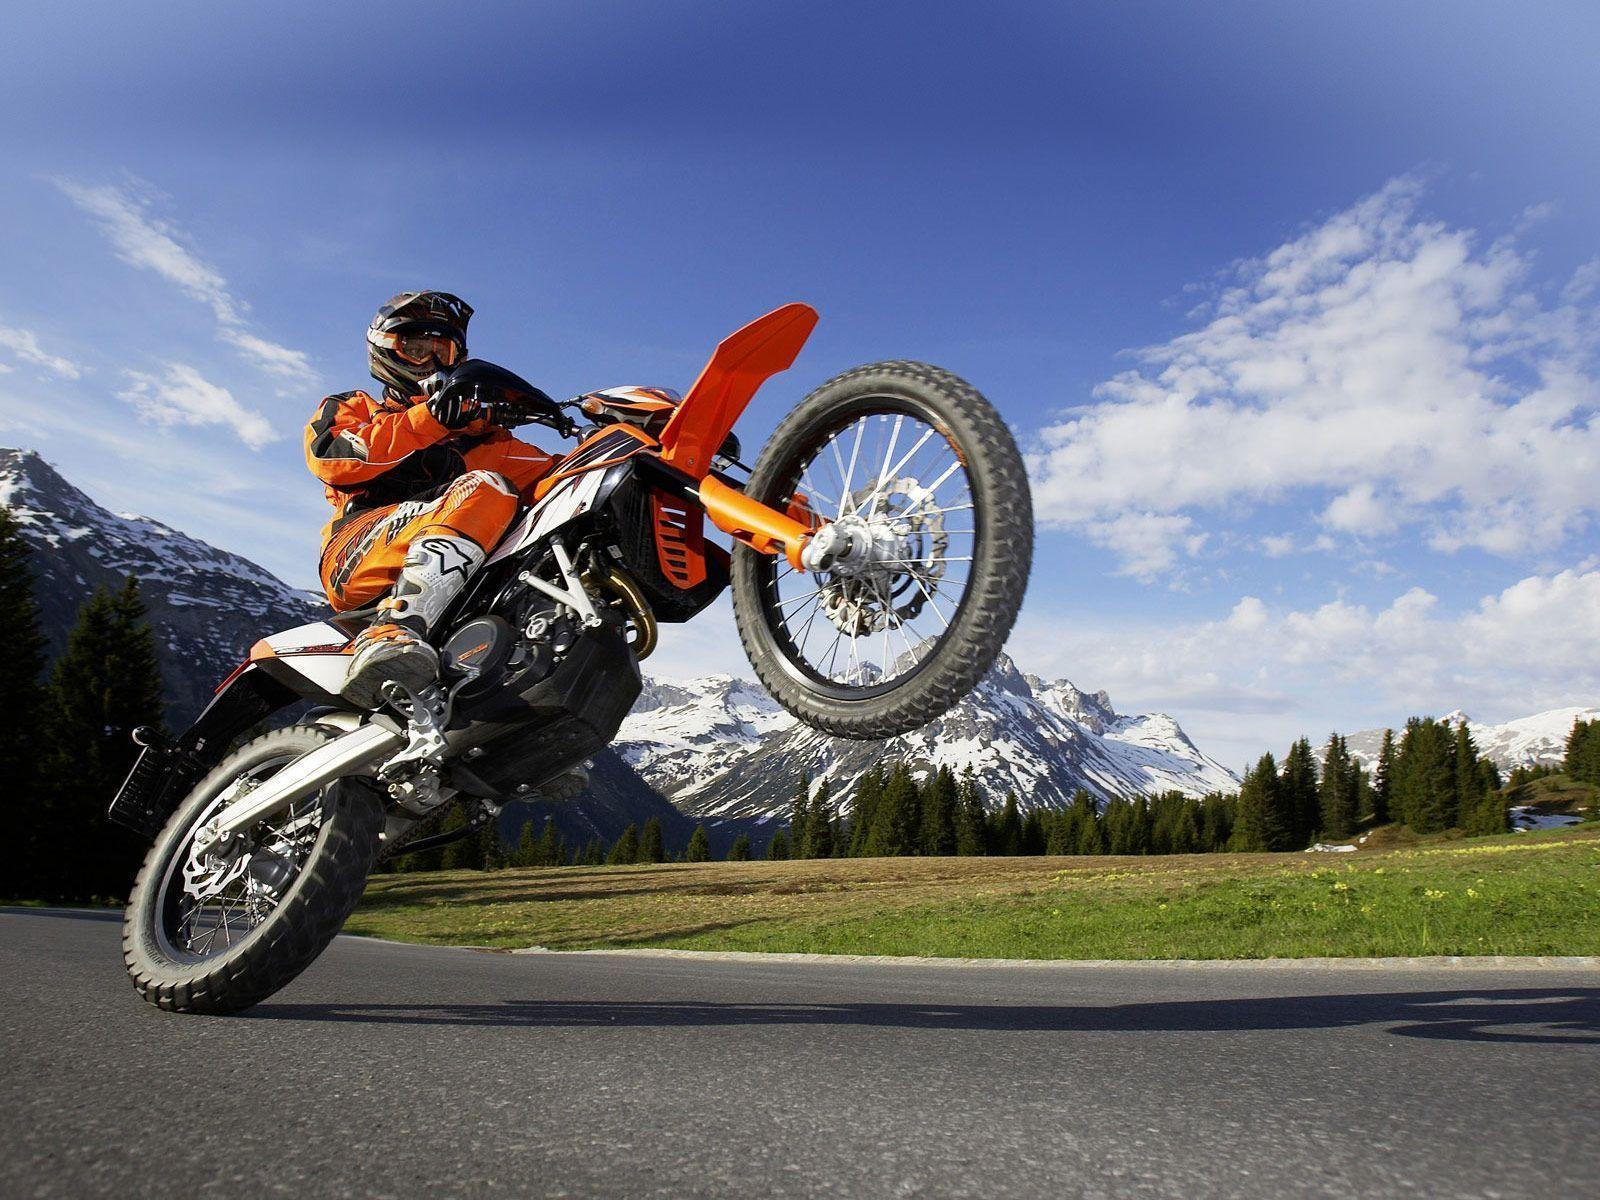 Fondos de pantalla de KTM | Wallpapers de KTM | Fondos de ...